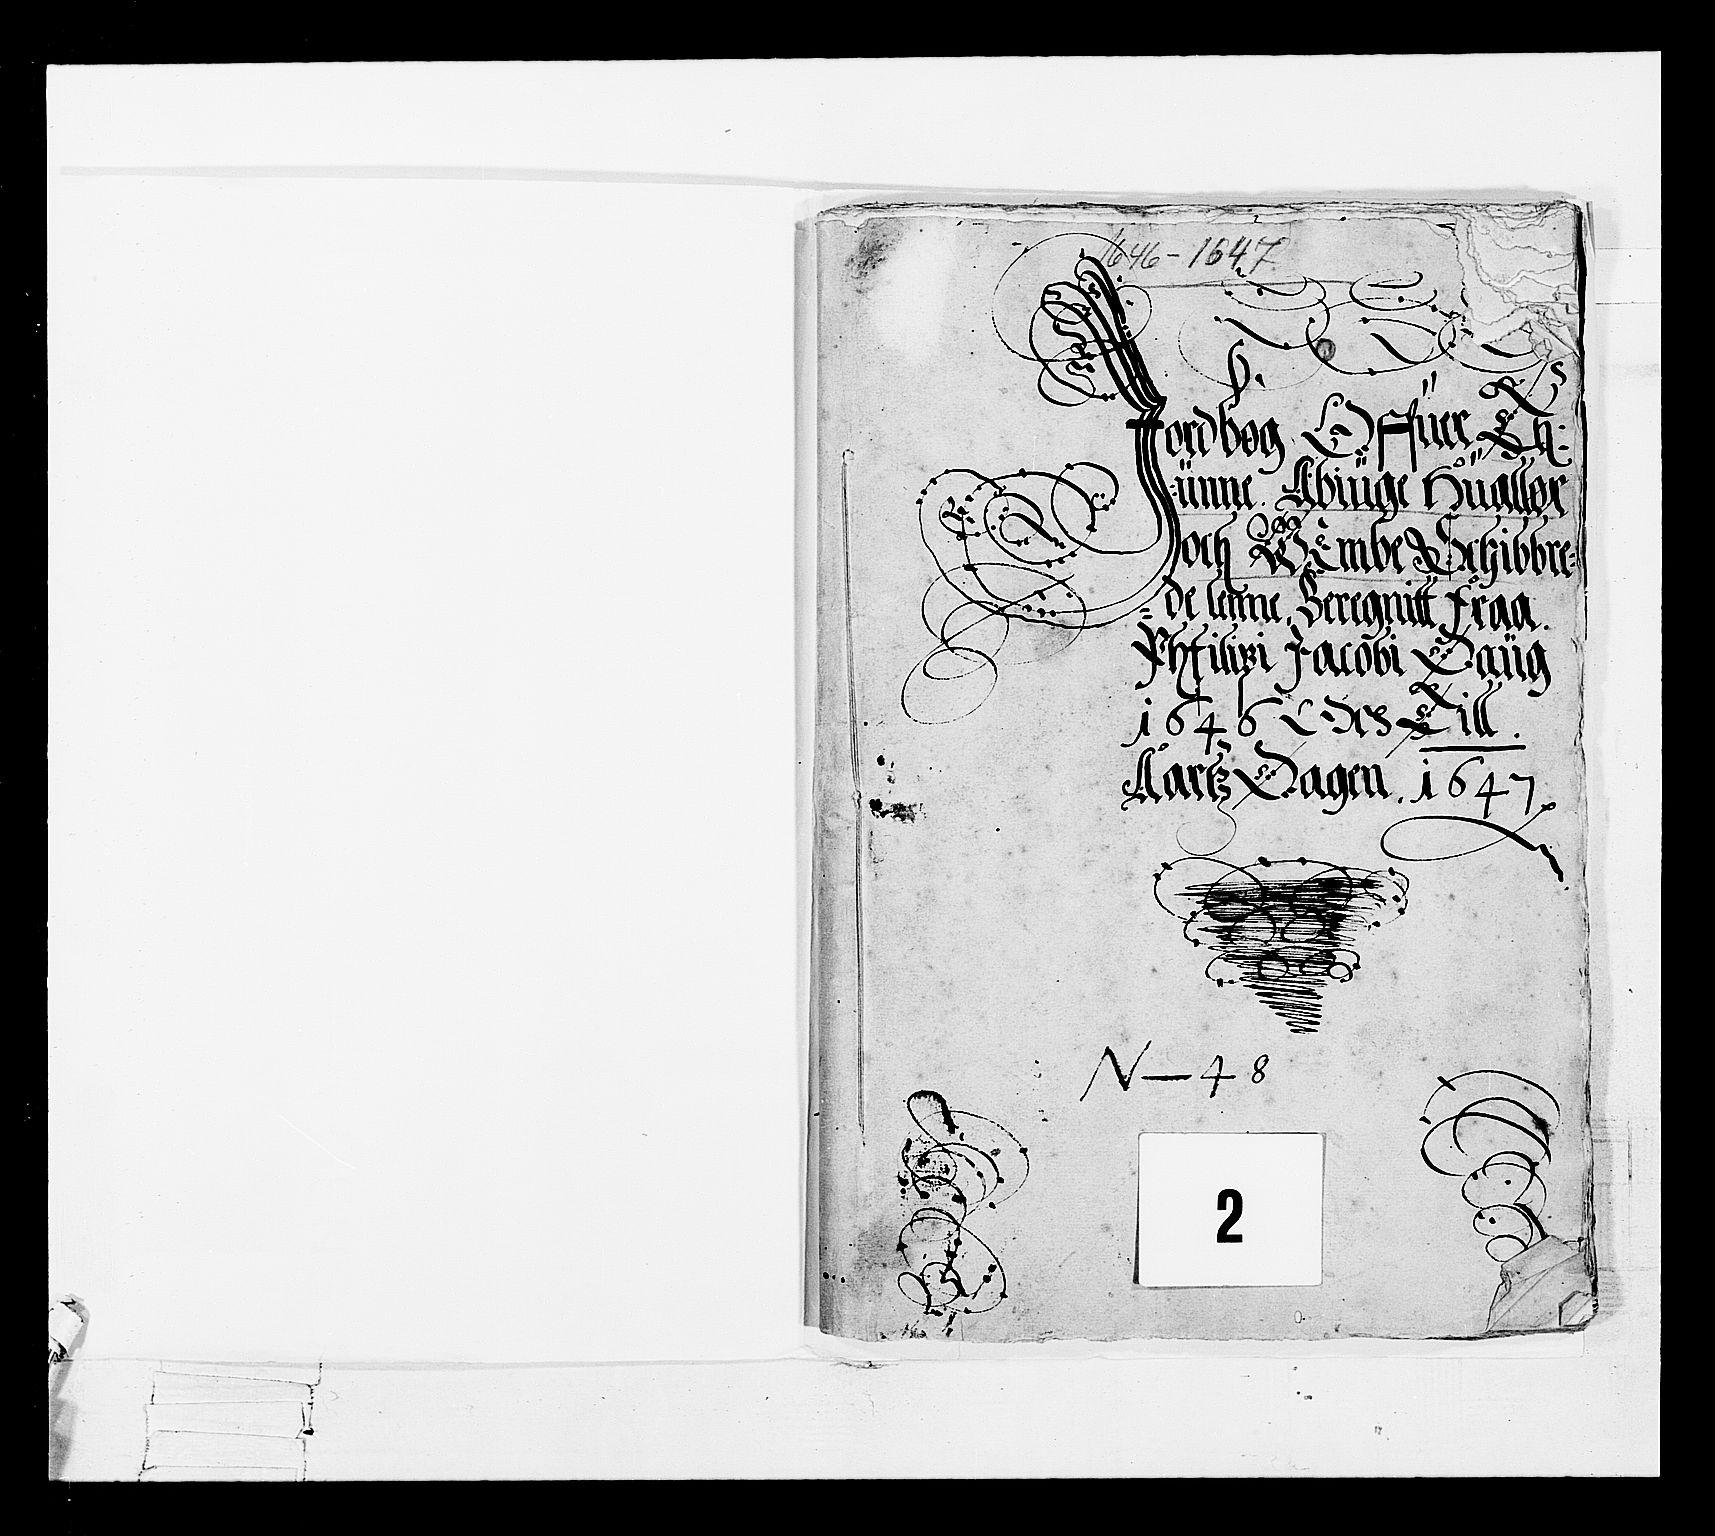 RA, Stattholderembetet 1572-1771, Ek/L0022: Jordebøker 1633-1658:, 1646-1647, s. 2